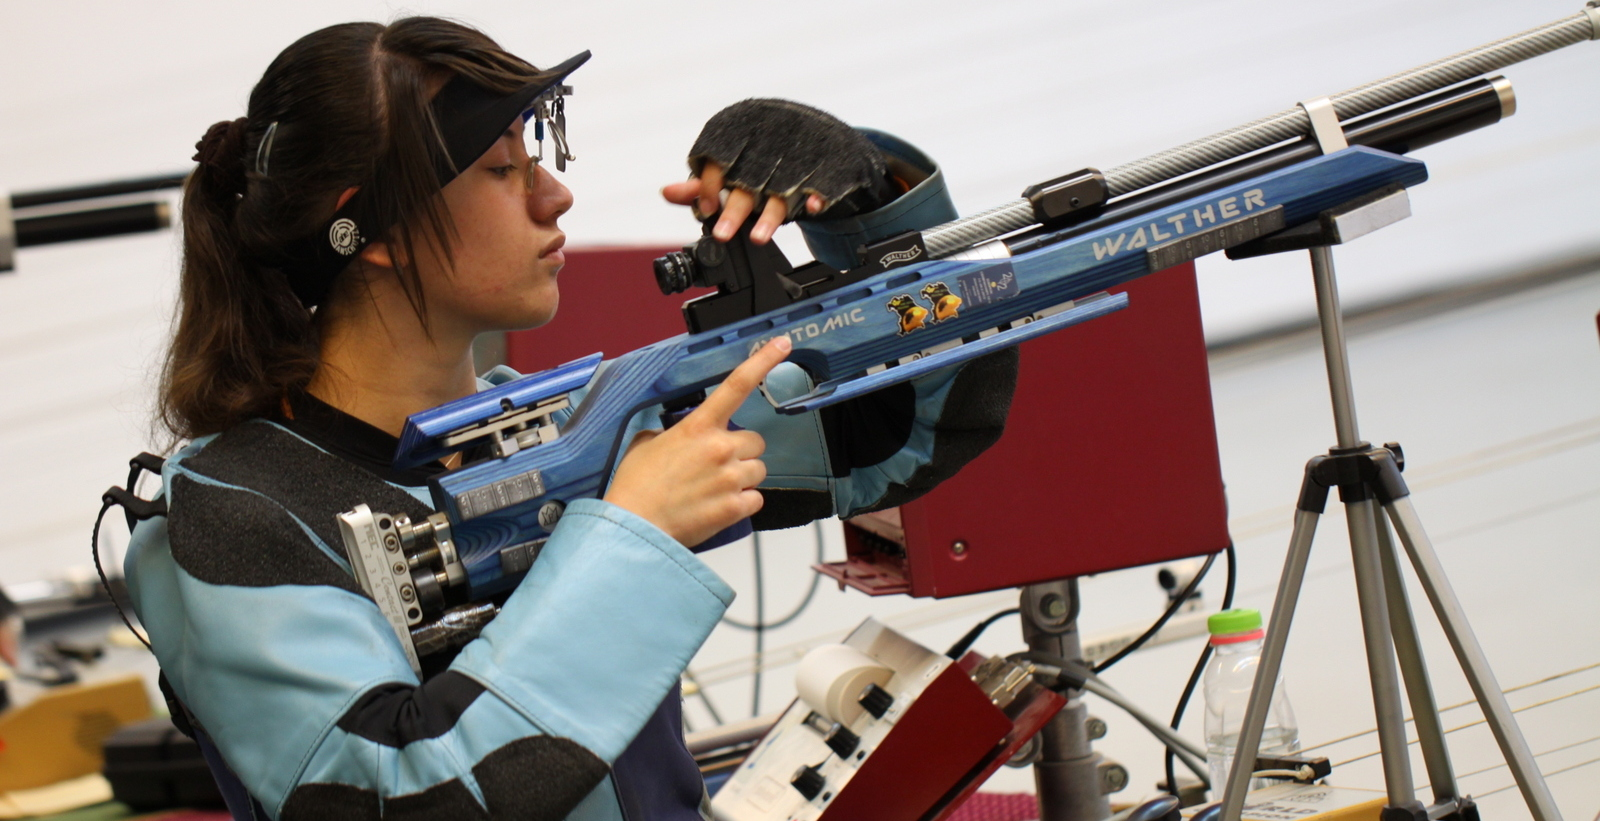 פולינה מדבינר במקום ה-11 באליפות אירופה לנערות ברובה אוויר